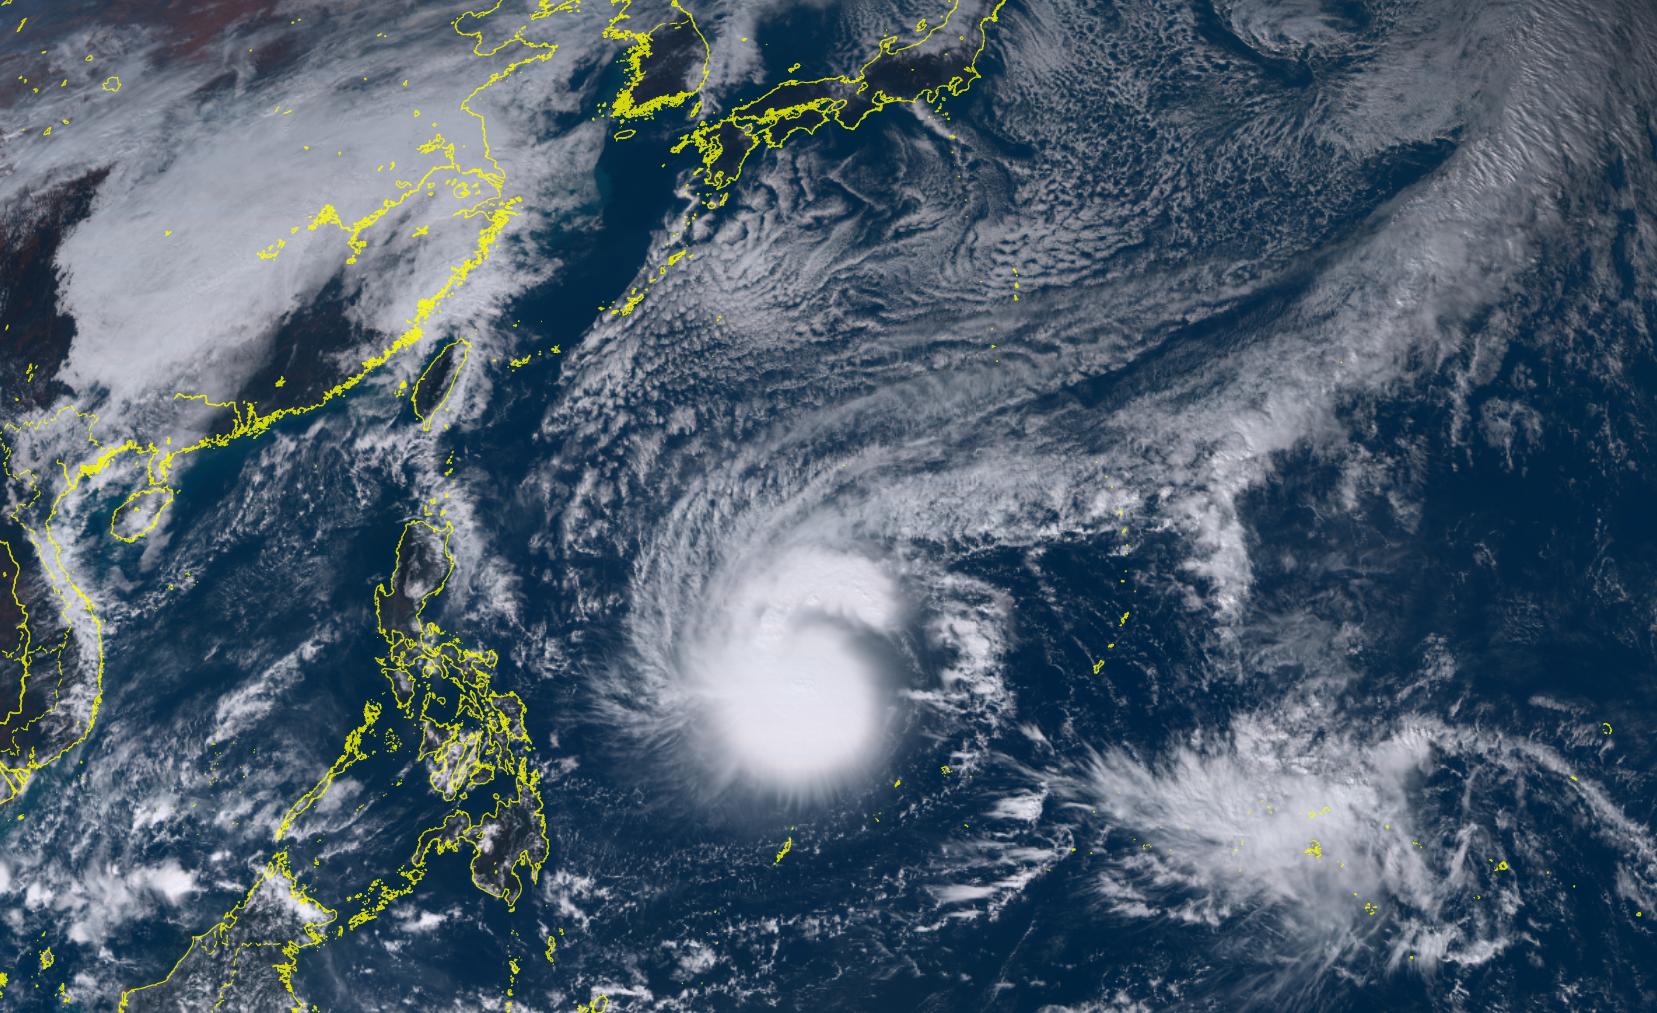 年度风王已经确定?权威预测:28号北冕或成17级以上超强台风!